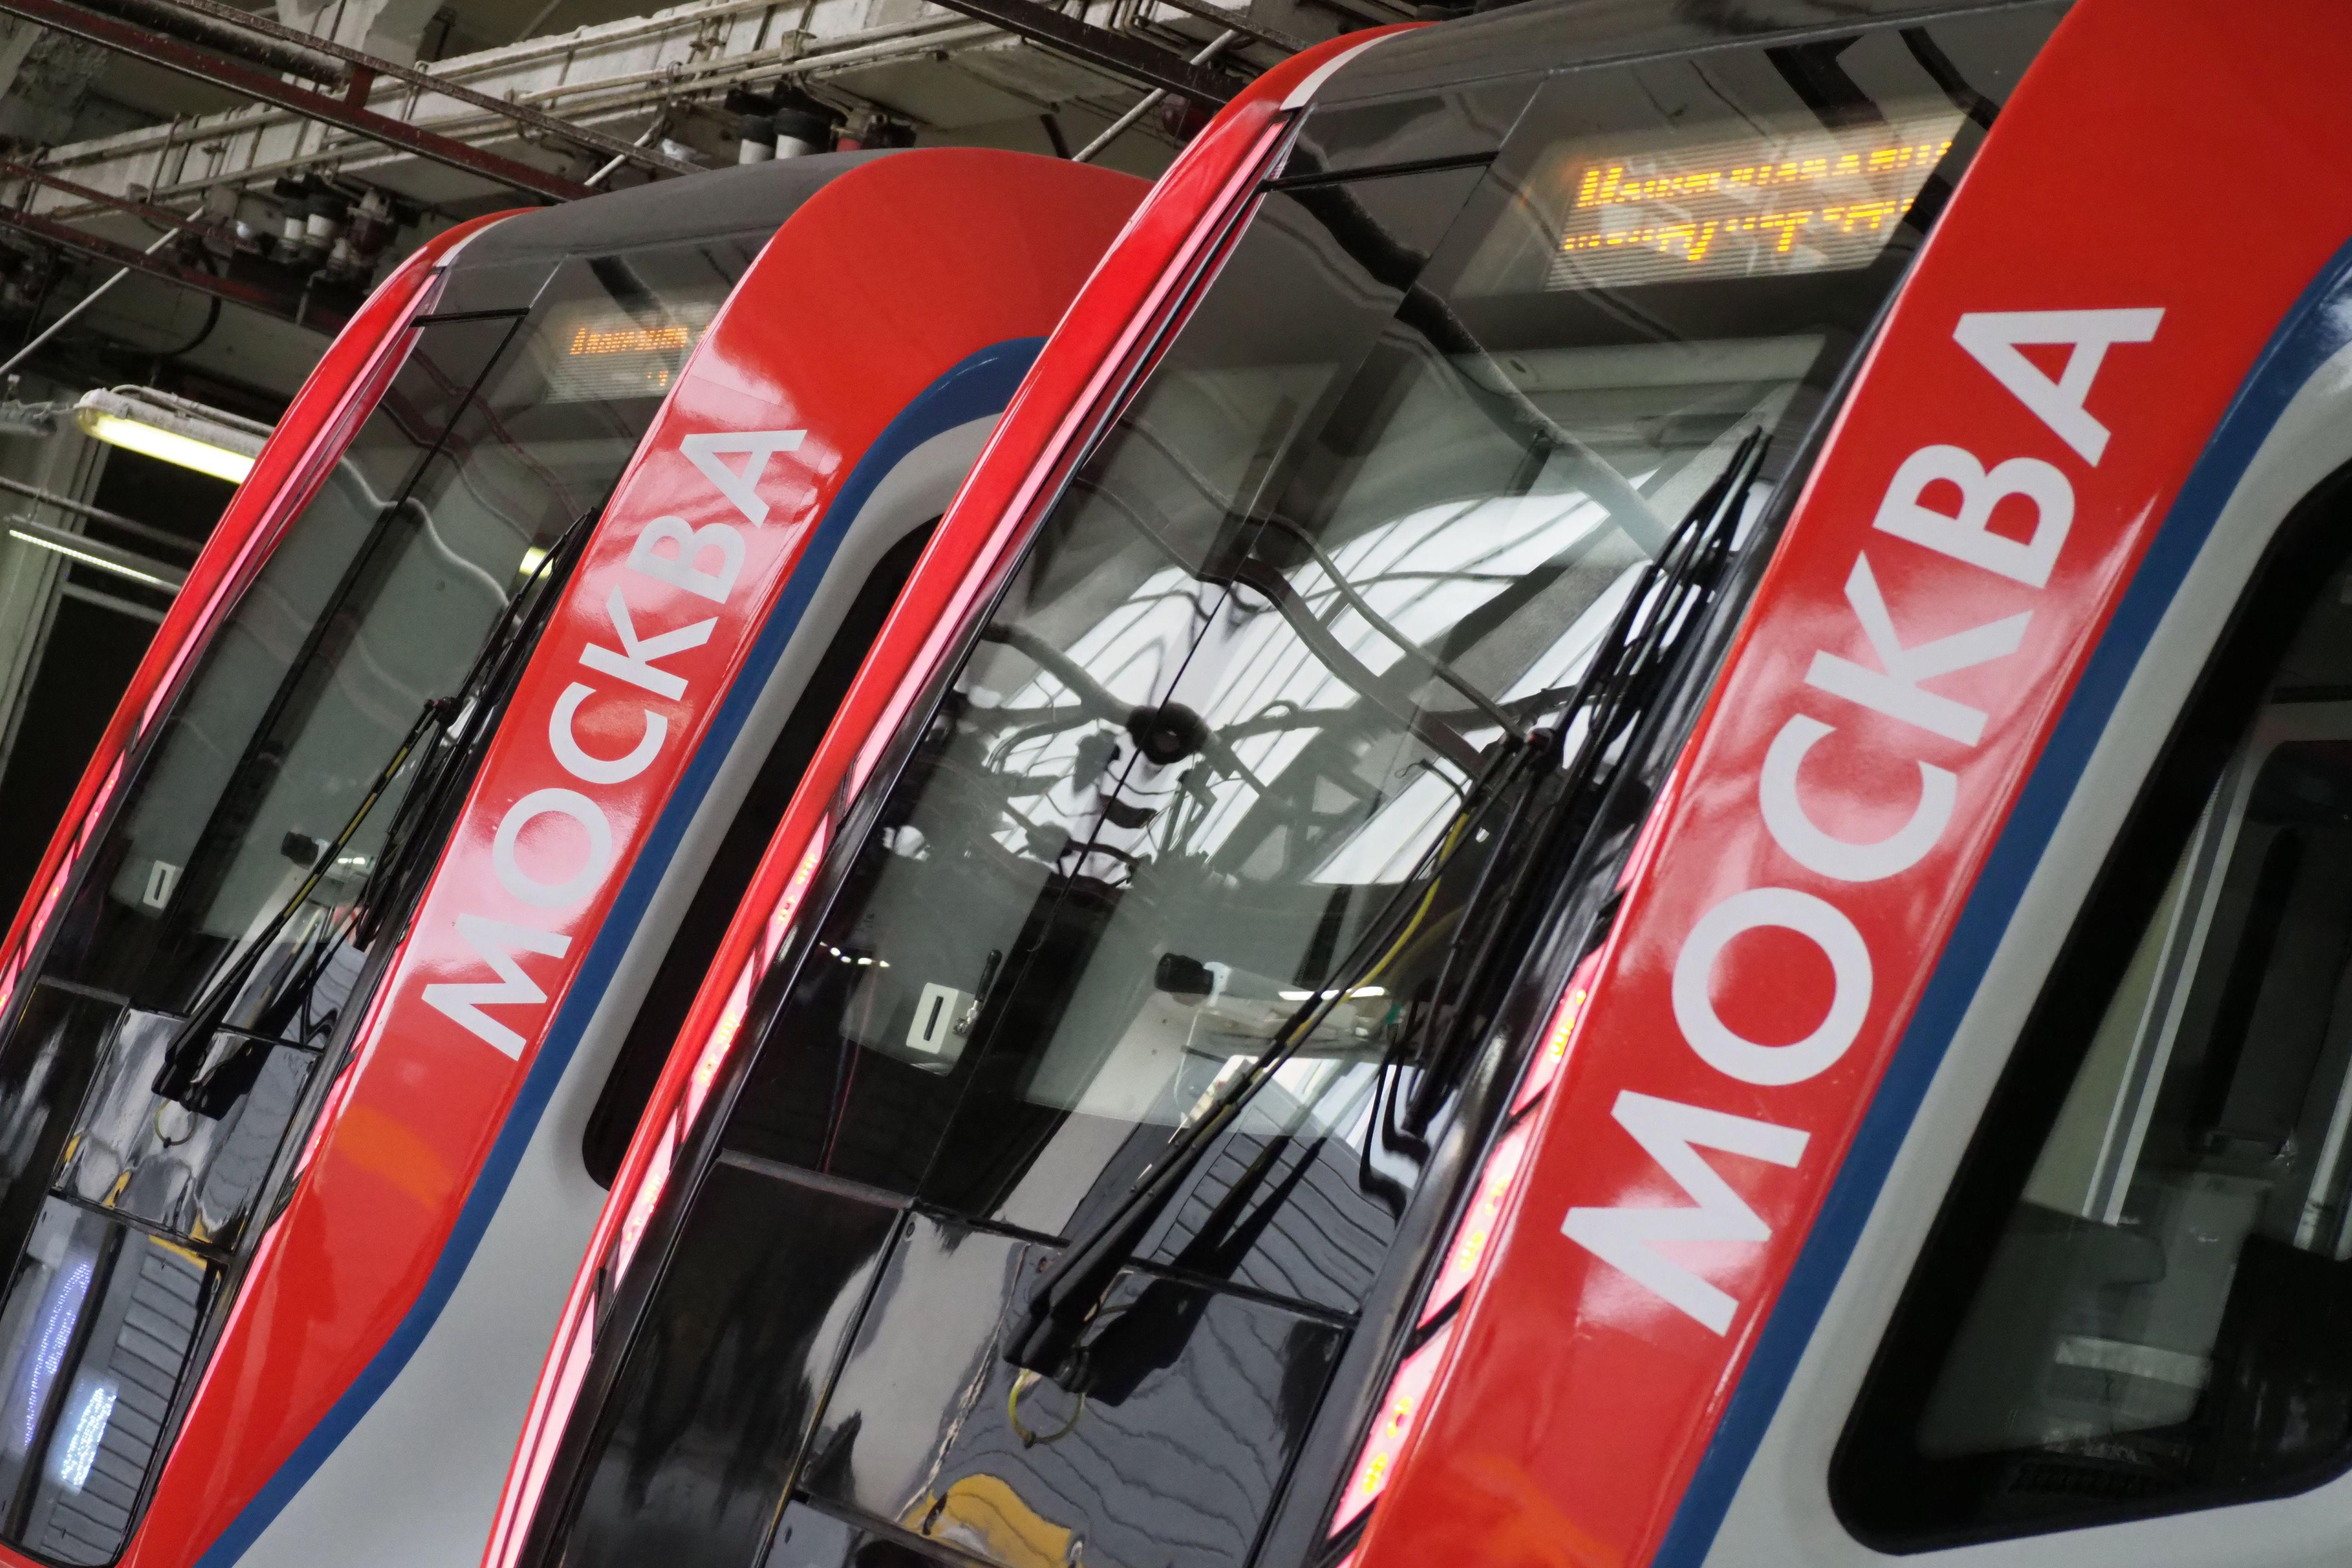 Жители столицы определили дизайн нового поезда «Москва»